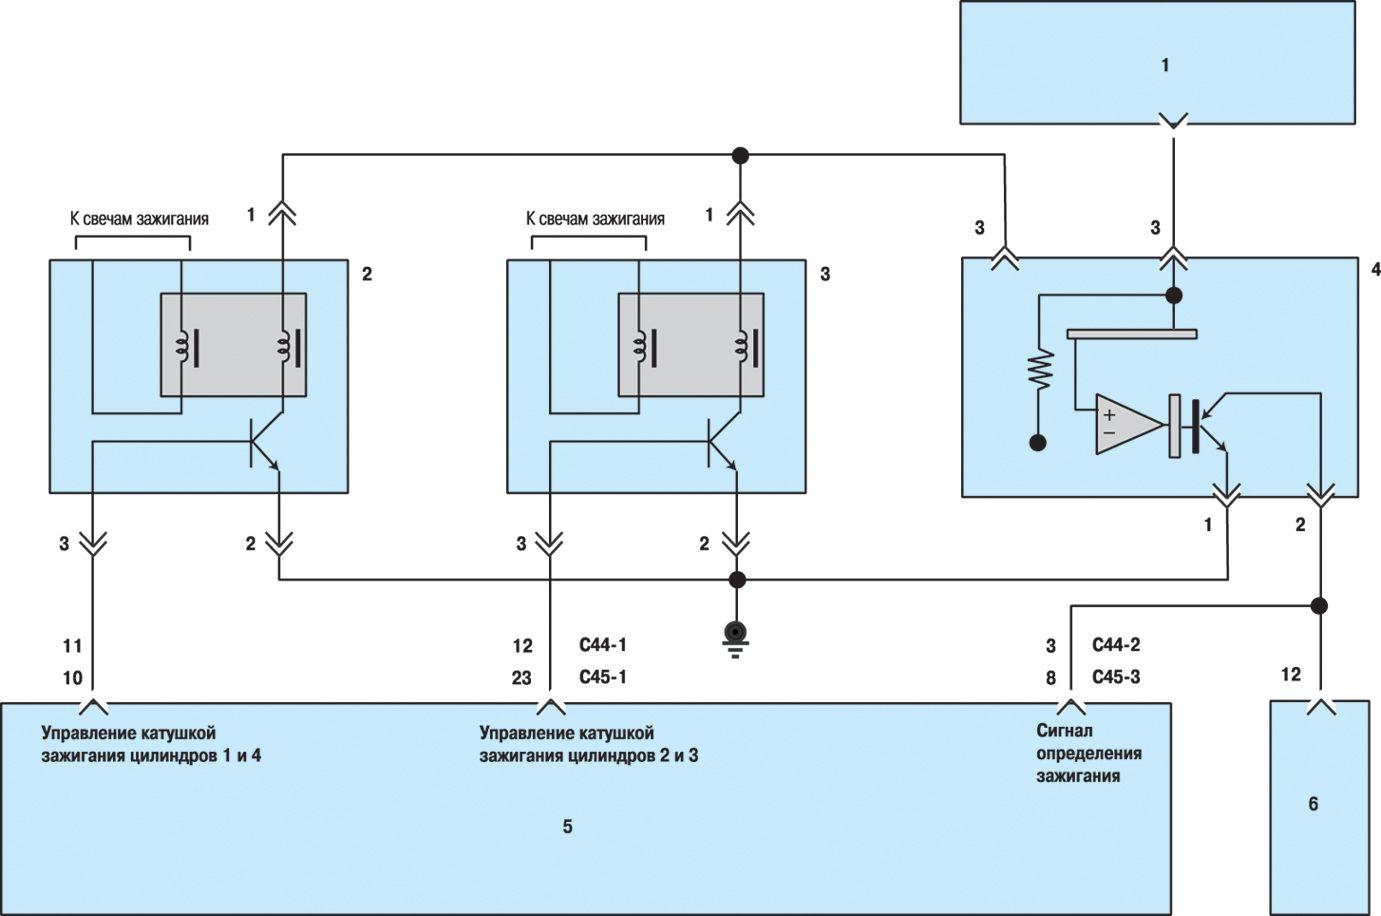 2012 и схемы двигателя 4 s